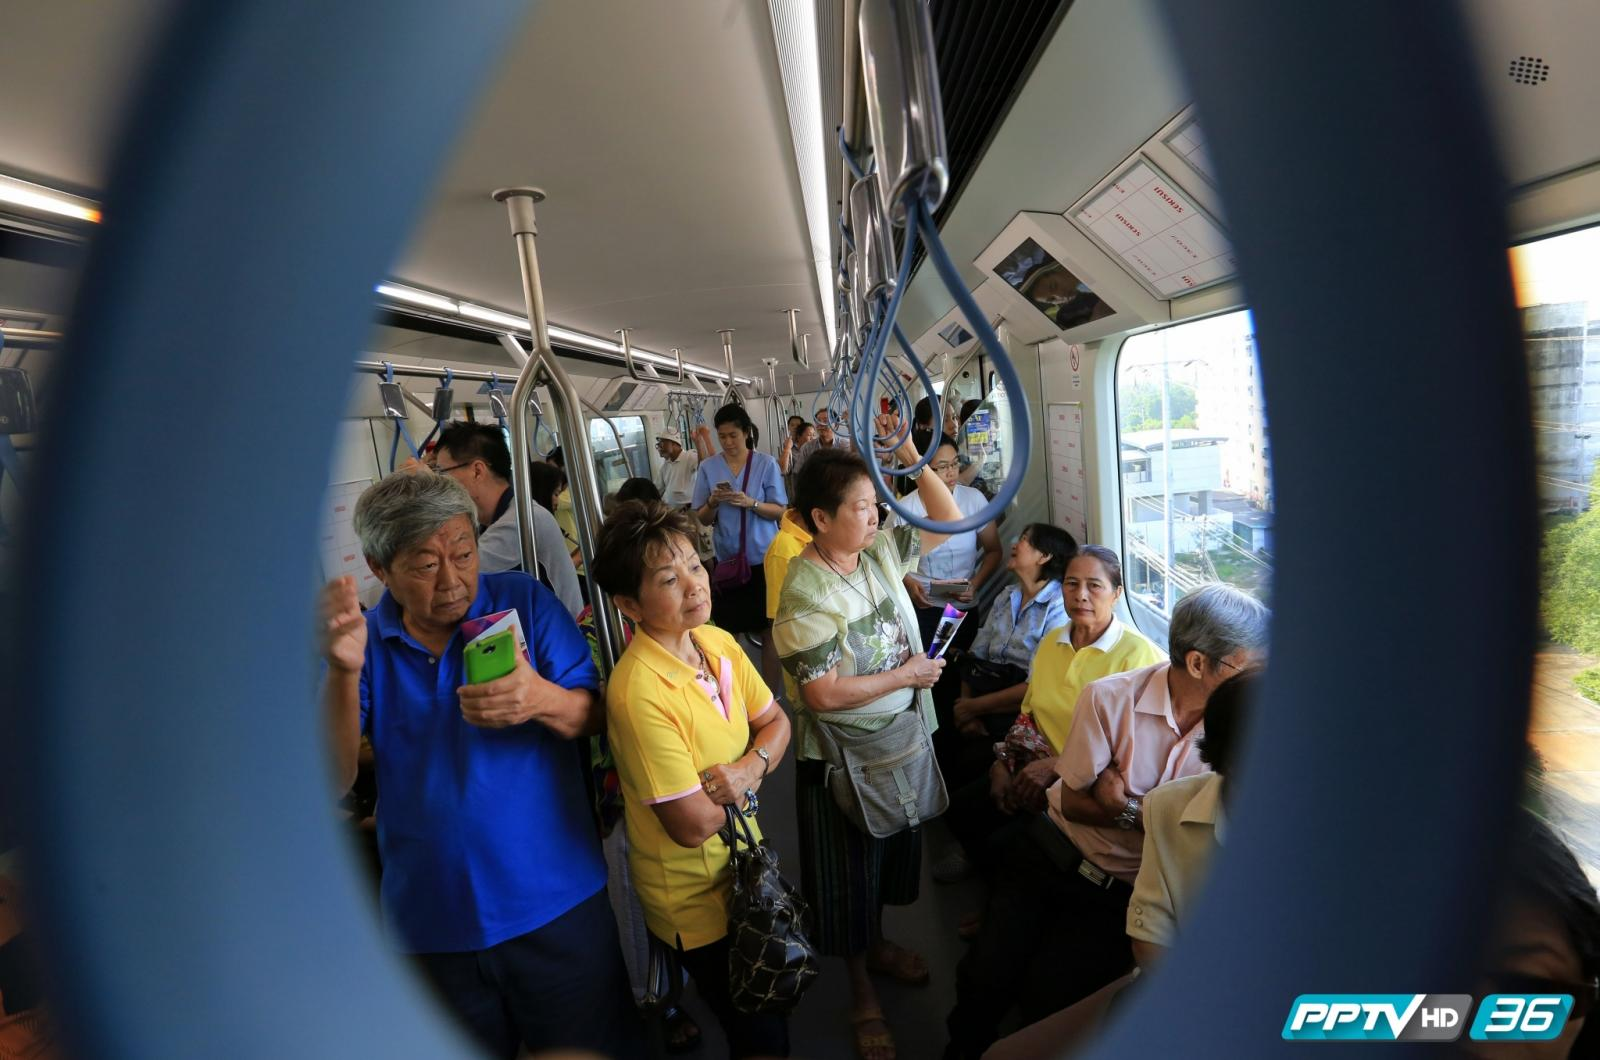 ปชช.แห่ทดลองรถไฟฟ้าสายสีม่วง บางใหญ่-เตาปูน ฟรีวันแรก(คลิป)